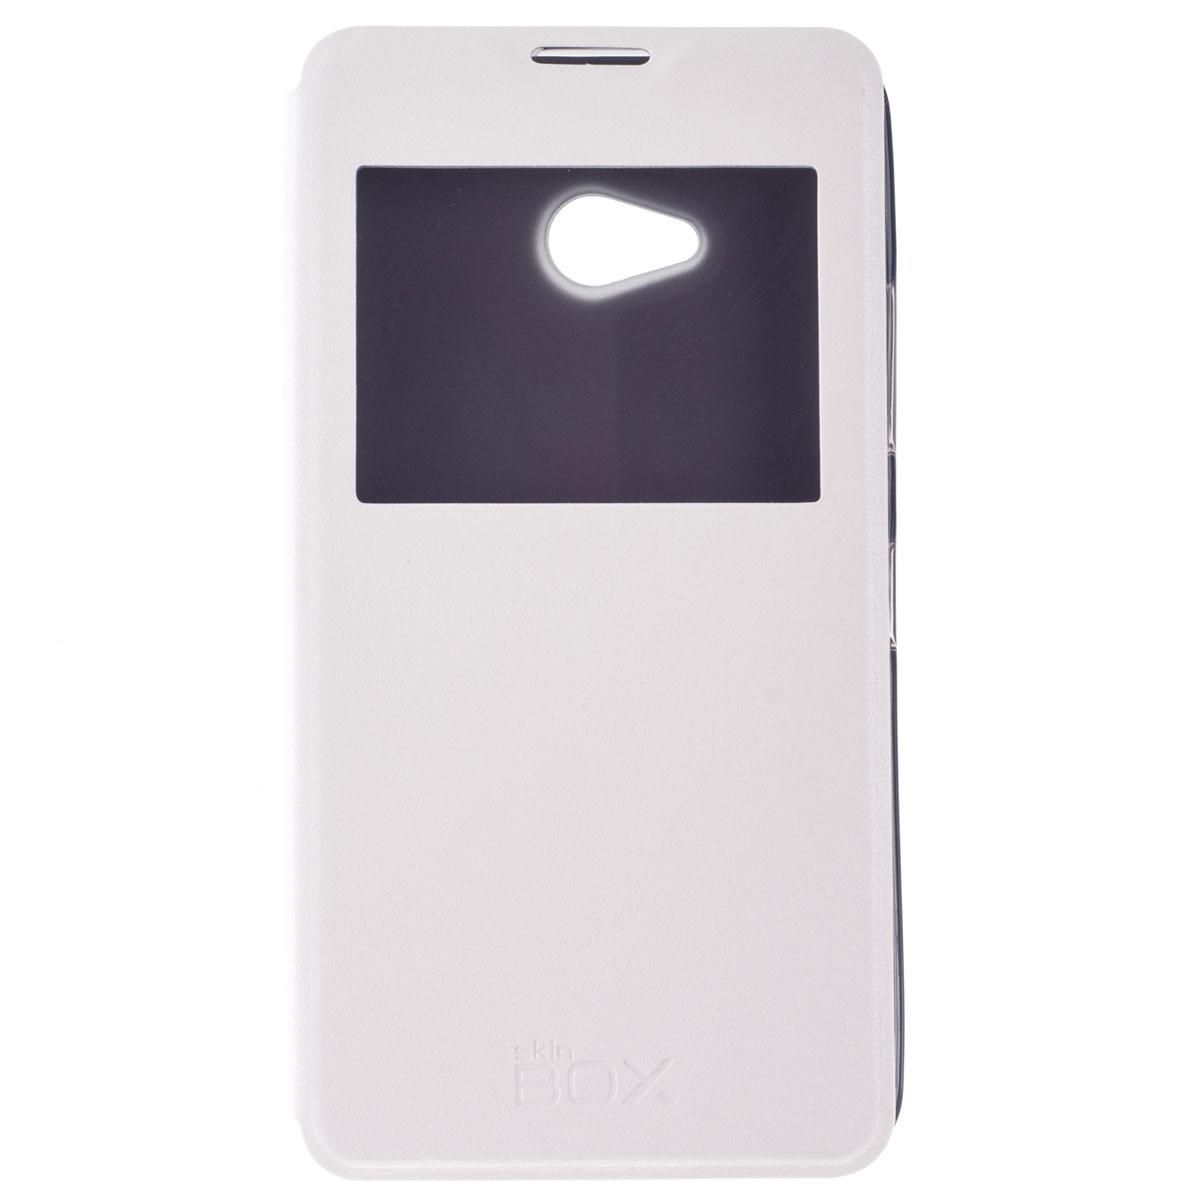 Skinbox Lux AW чехол для Microsoft Lumia 640, White